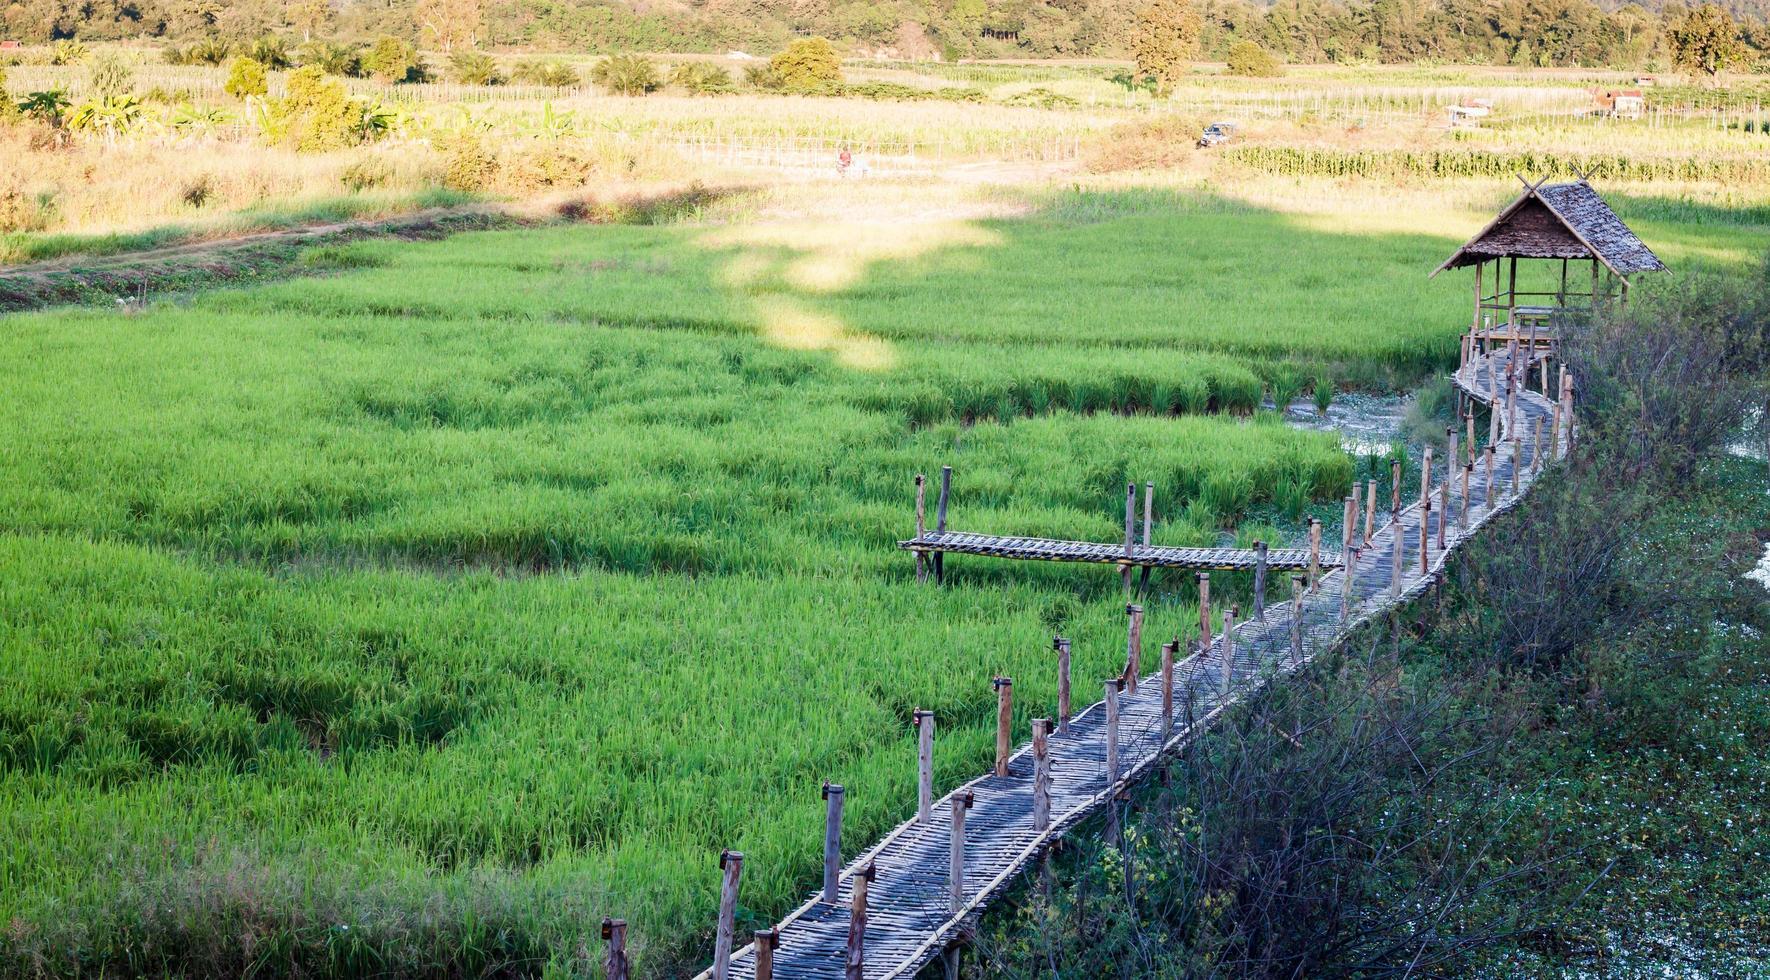 chiang rai, thailandia, 2020 - un campo di riso verde foto